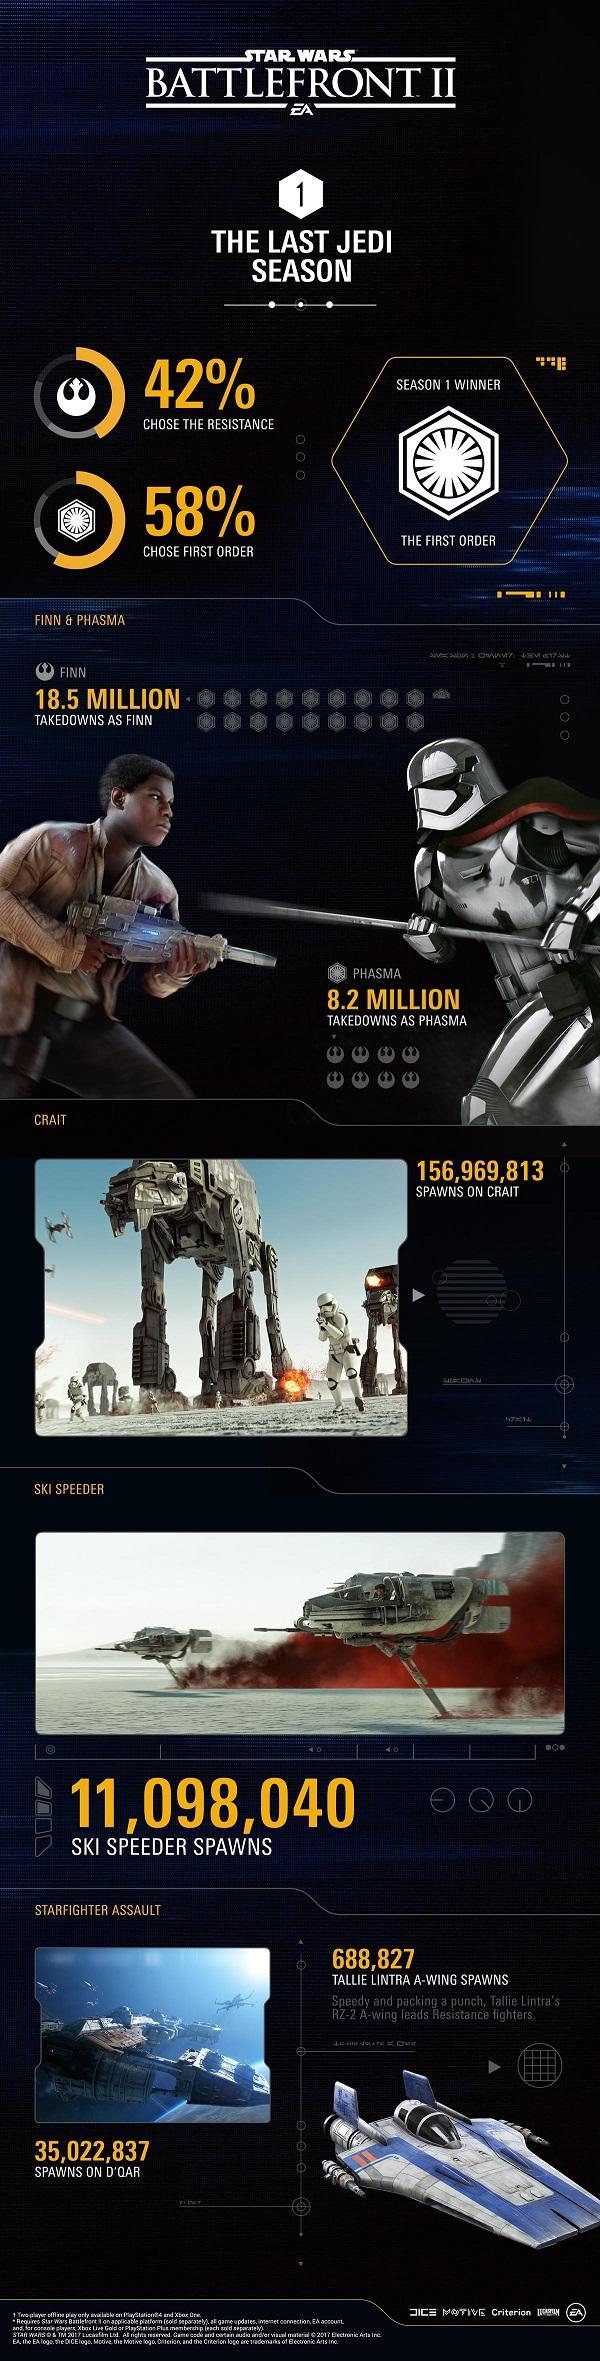 Star Wars: Battlefront 2 čeká nový herní mód a překopání systému postupu 155337